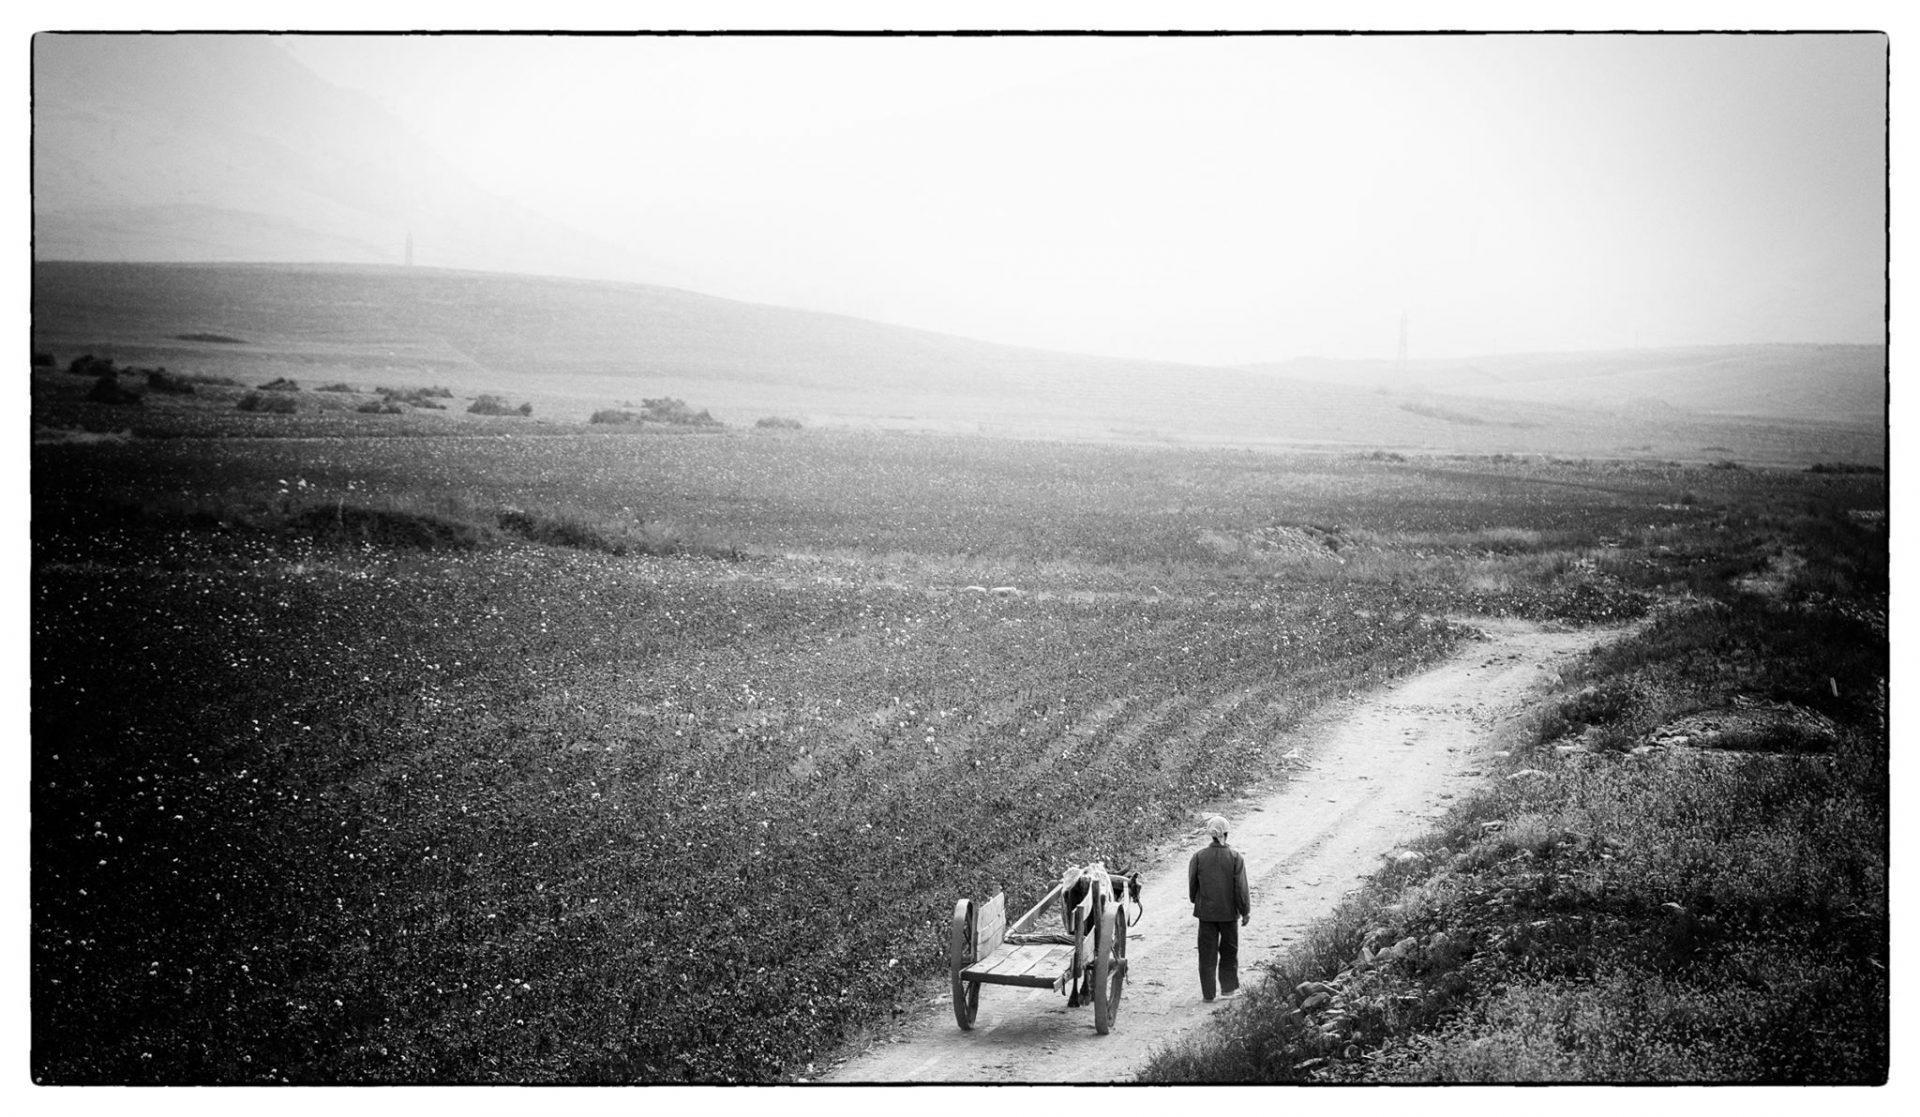 Fotokurs: «Fra analogt til digitalt – prosess og teknikker for skanning av bilder»